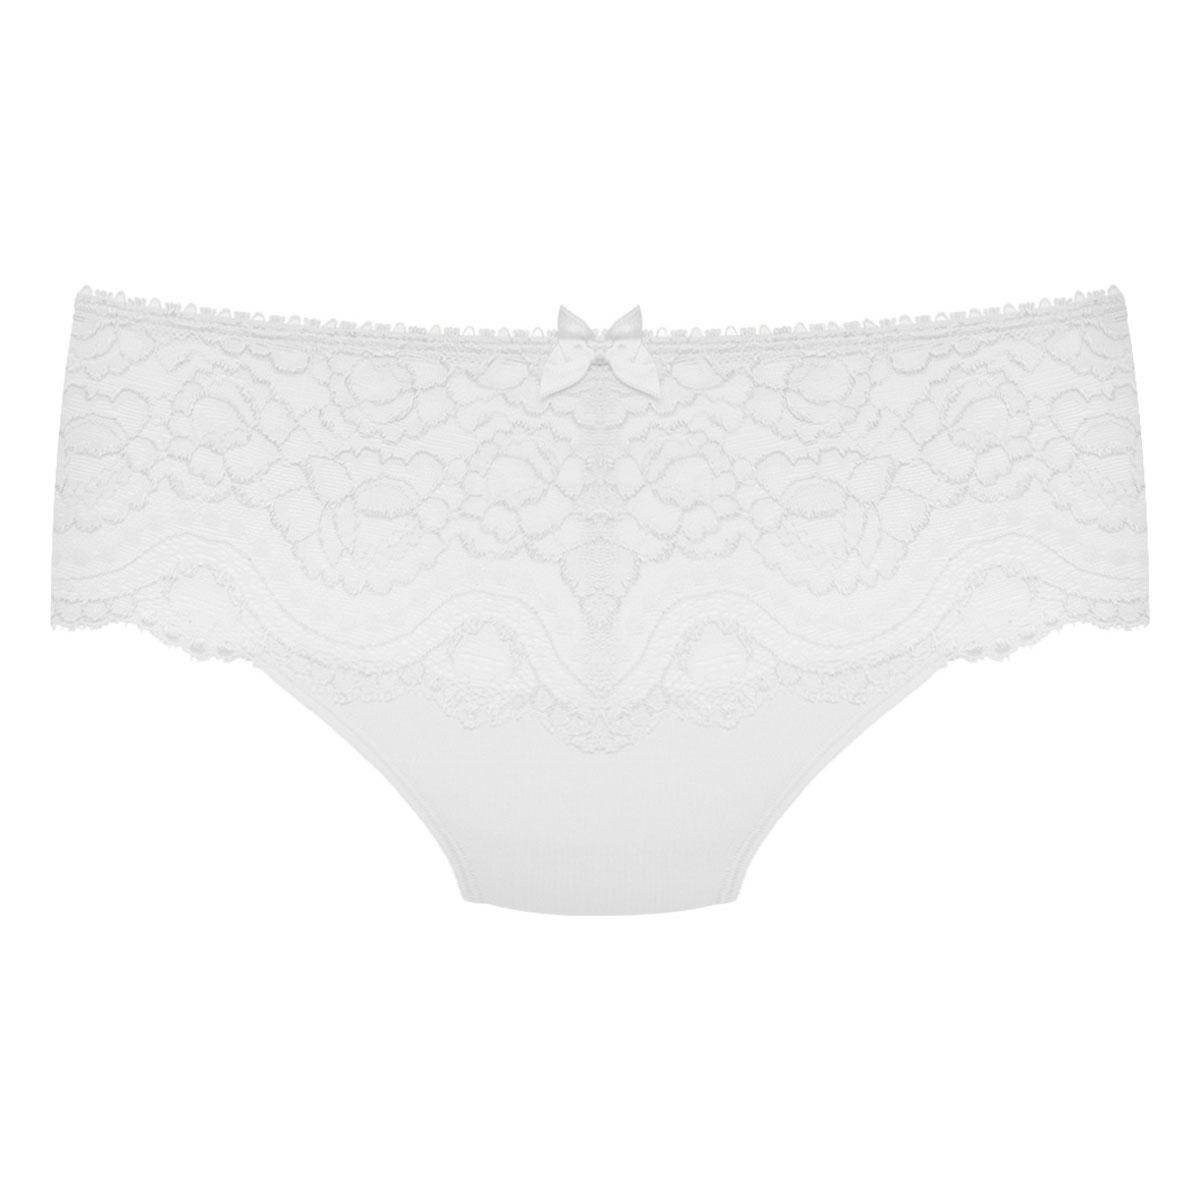 Midi knickers in white – Flower Elegance, , PLAYTEX